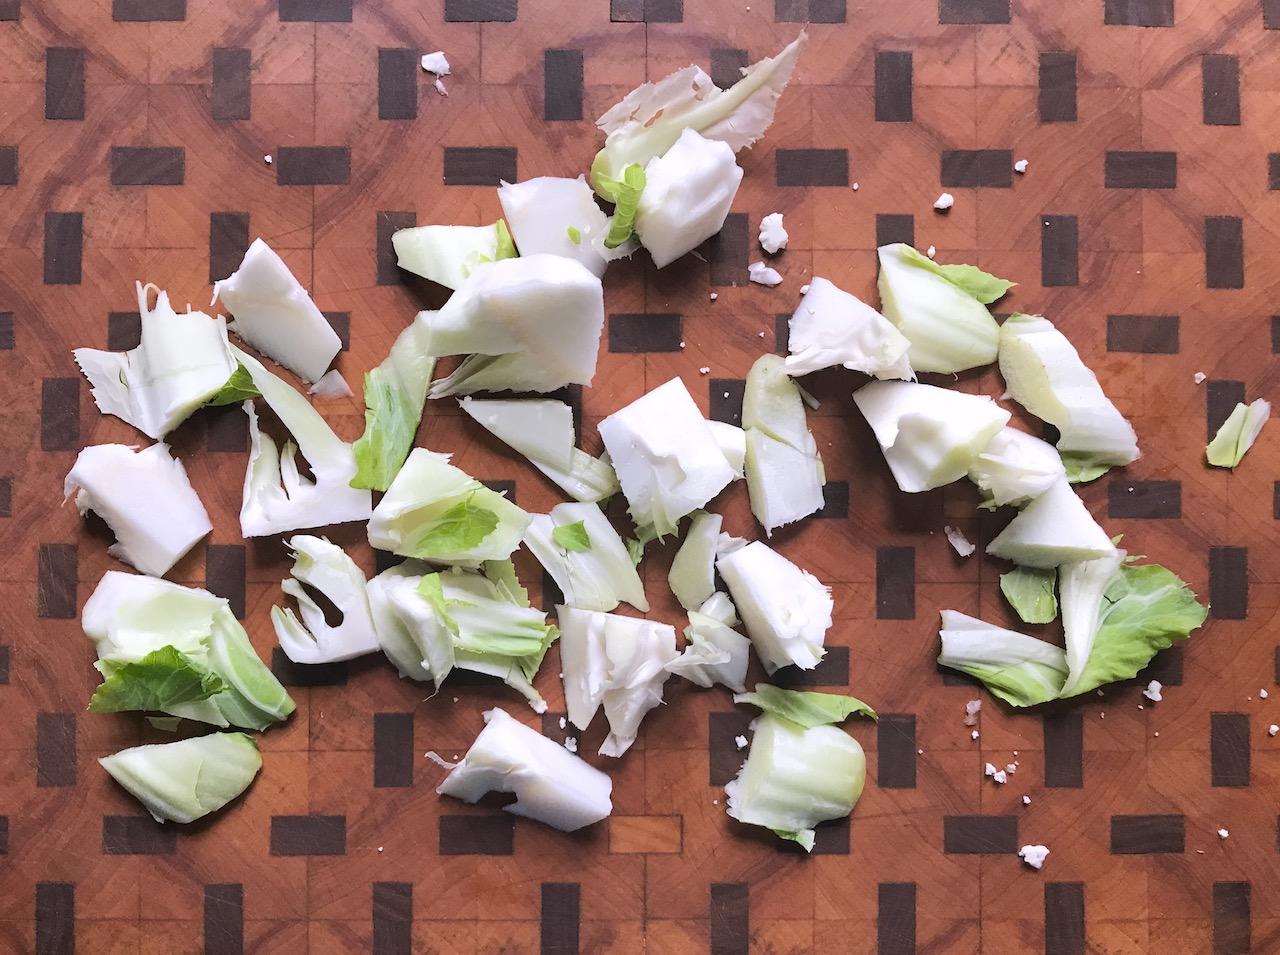 cauliflower trimmings